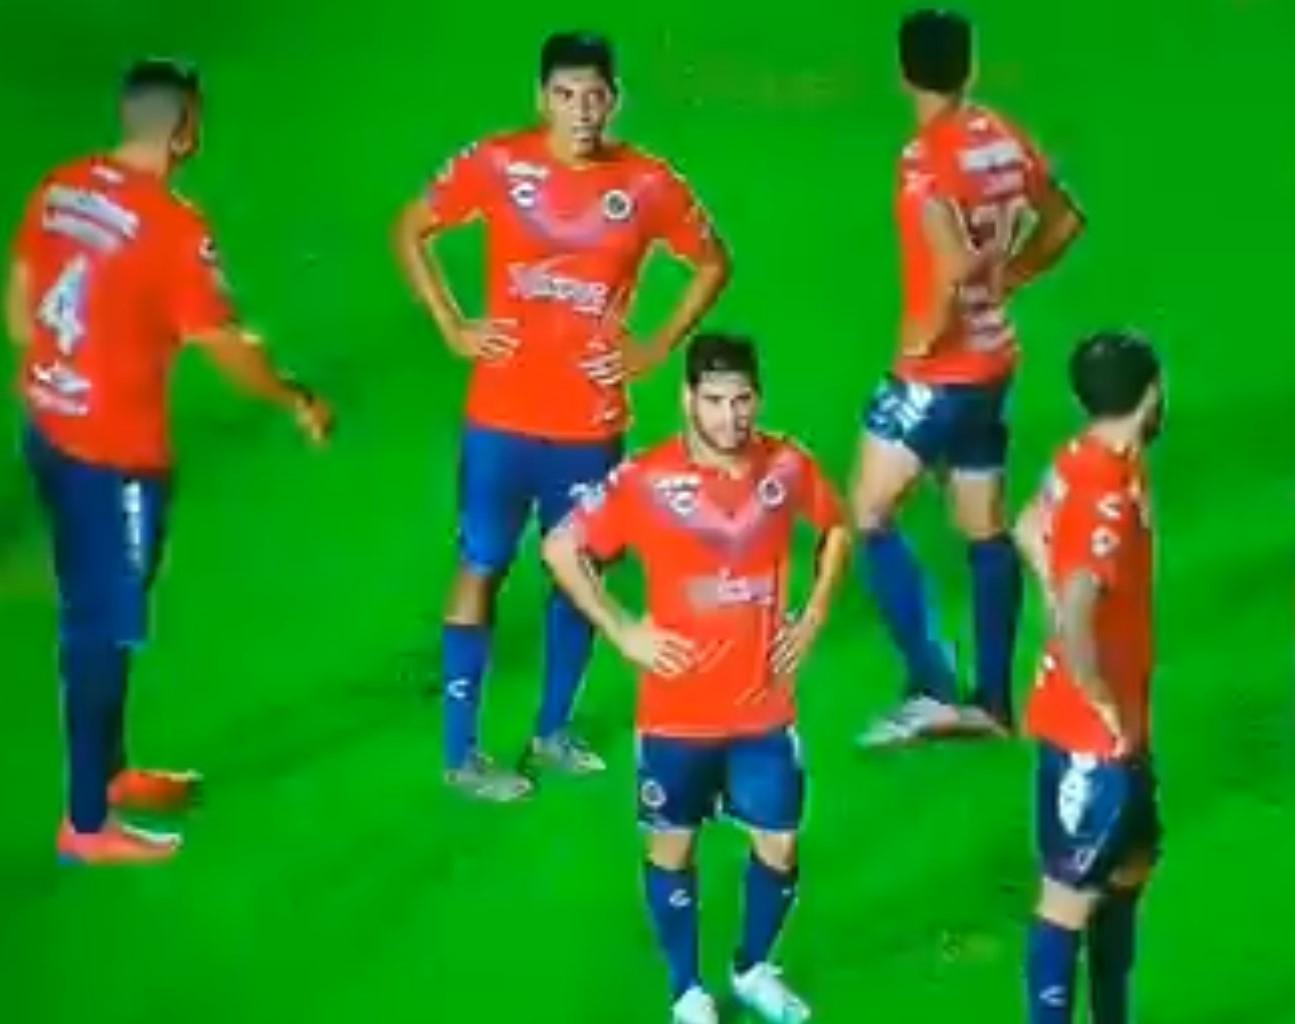 Odbili da igraju dok im se ne isplati plata, protivnik im zabio tri gola dok su bojkotovali! (VIDEO)